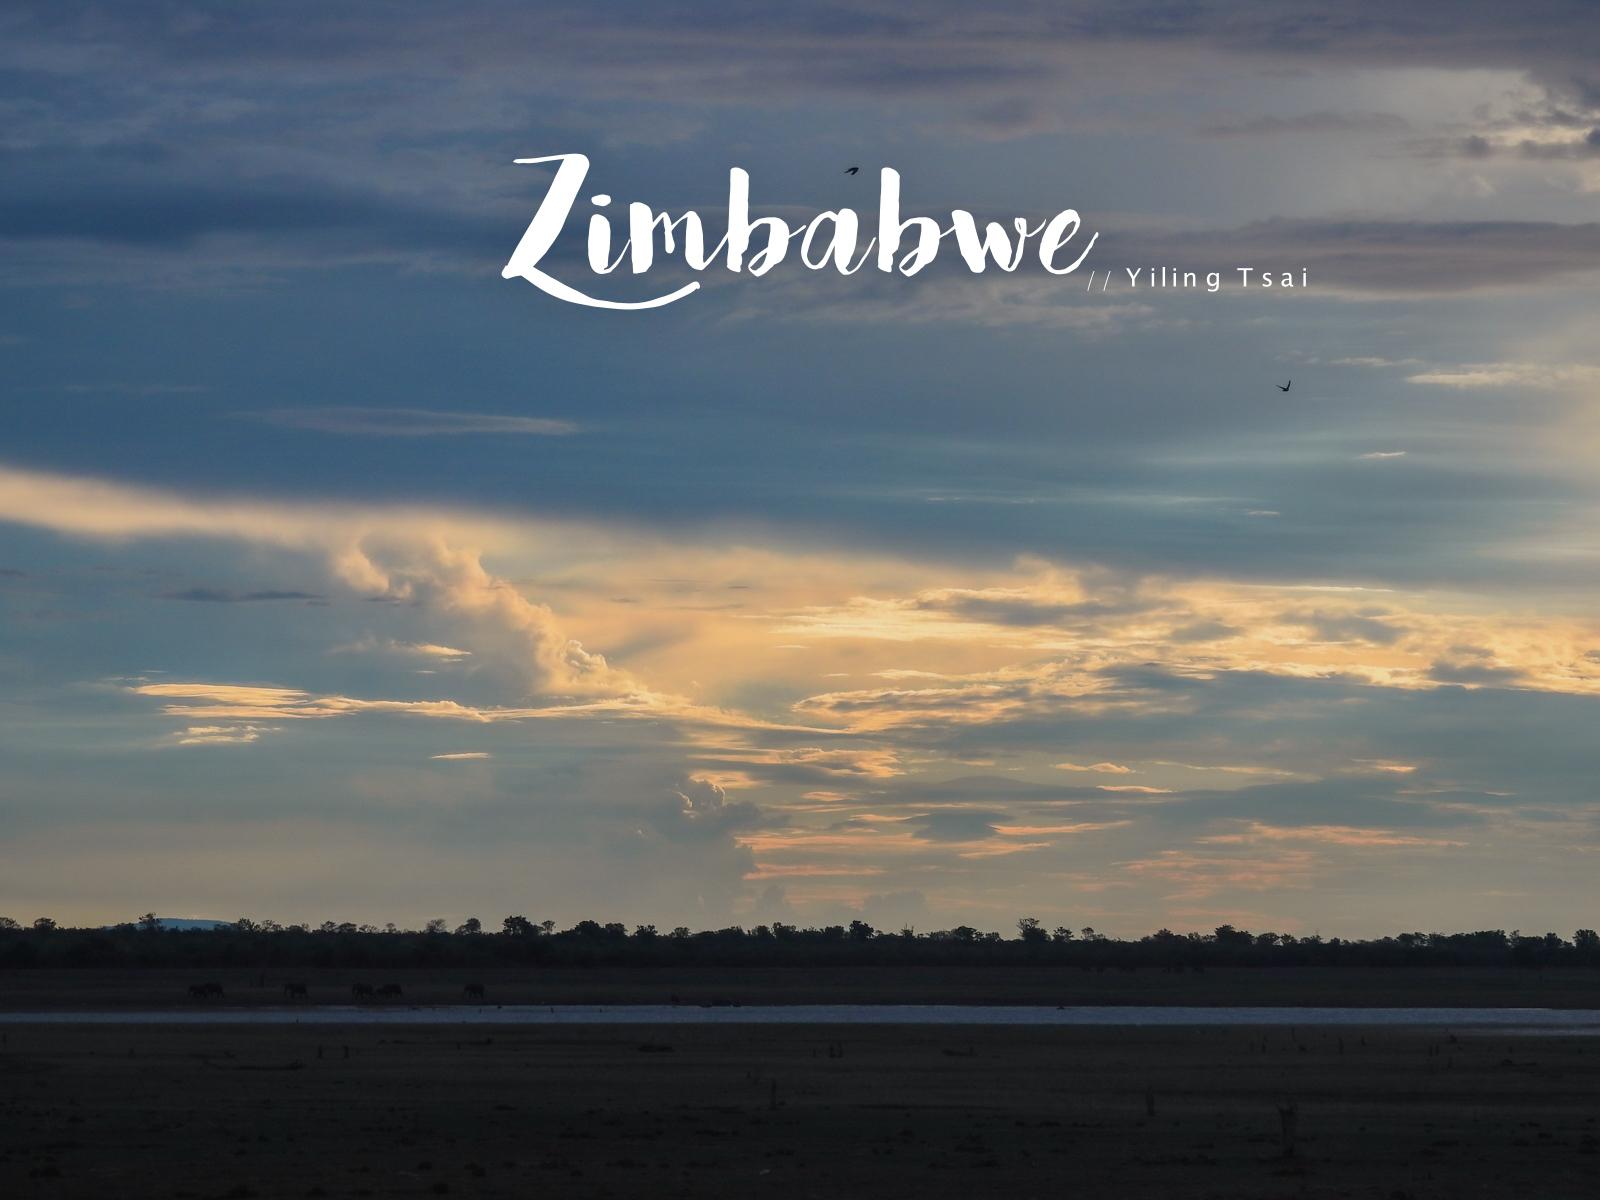 辛巴威景點 馬圖薩多納國家公園 卡里巴水庫 非洲獵遊、河谷健行、釣魚體驗